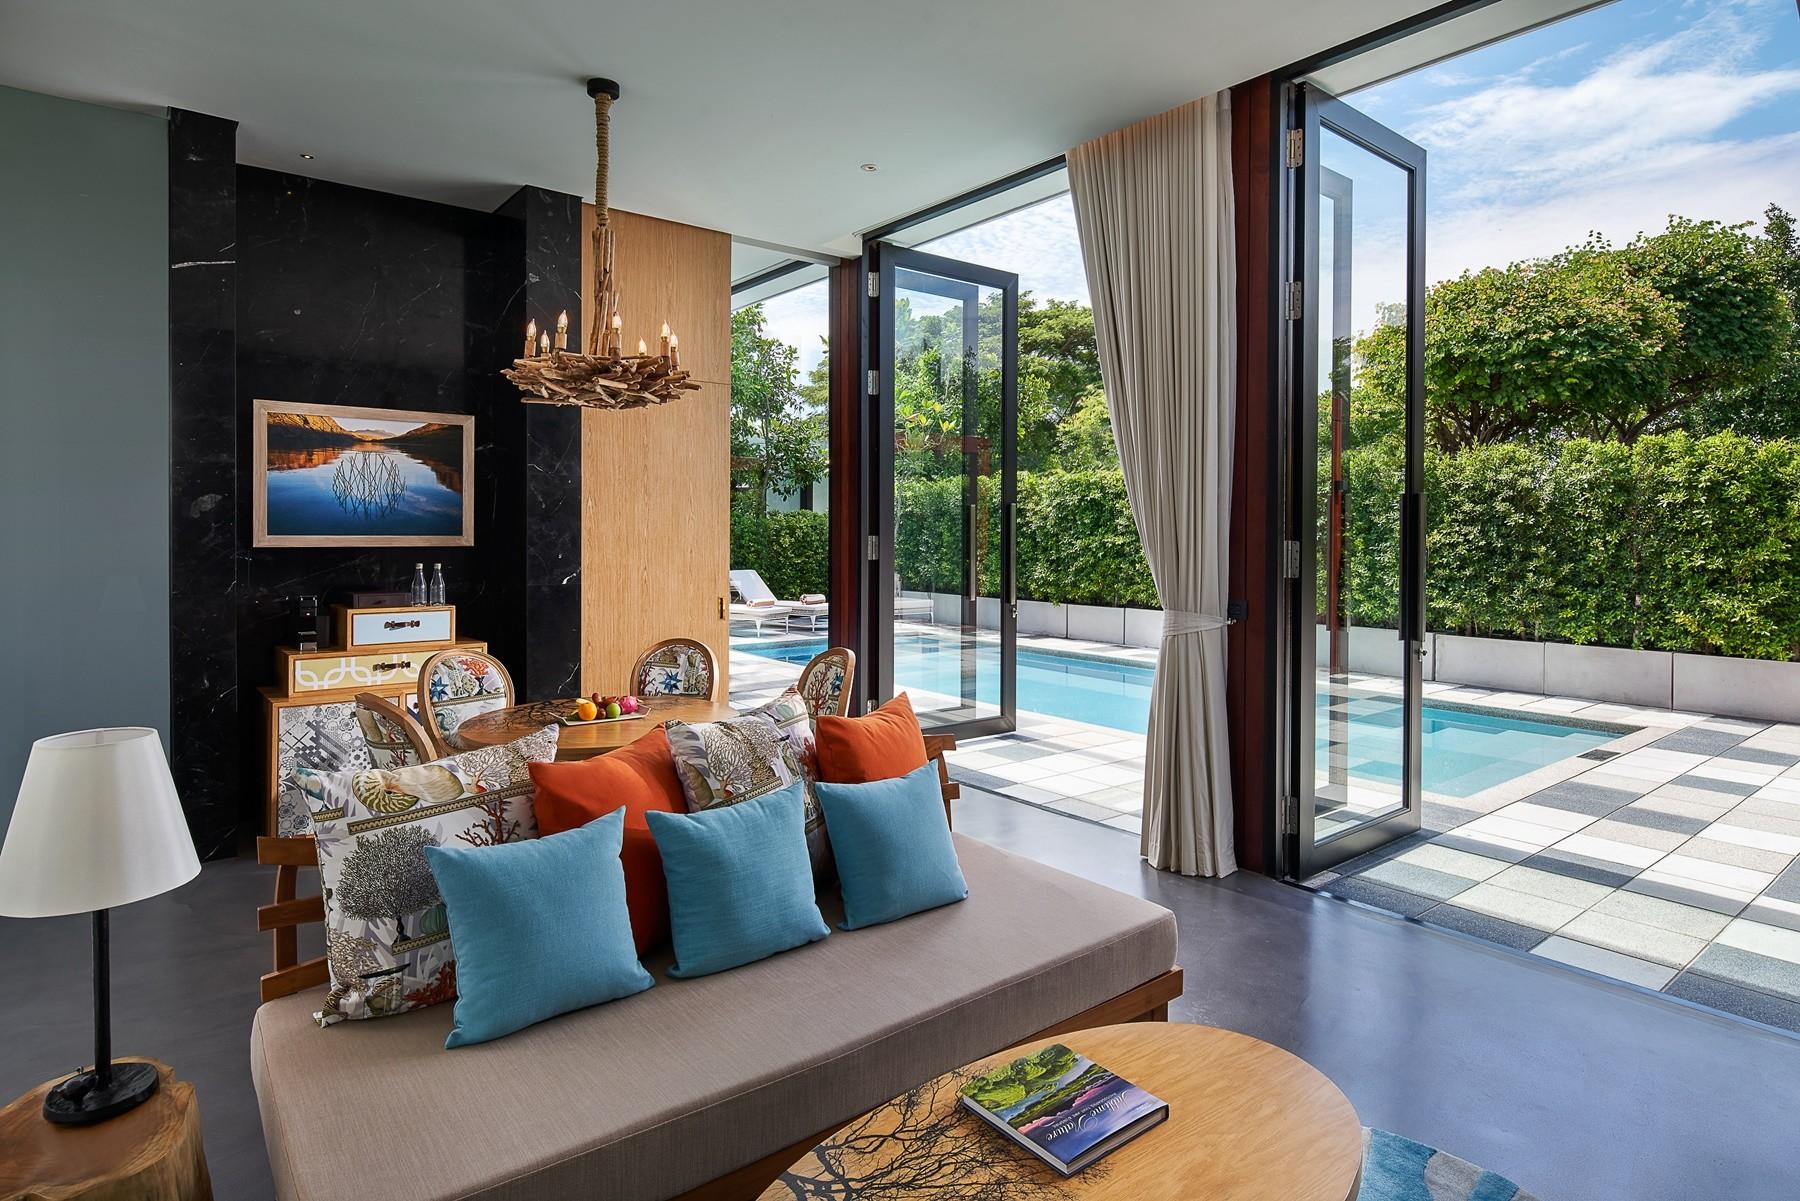 so-one-bedroom-pool-villa-%e5%8d%95%e5%8d%a7%e5%ae%a4%e5%88%ab%e5%a2%85